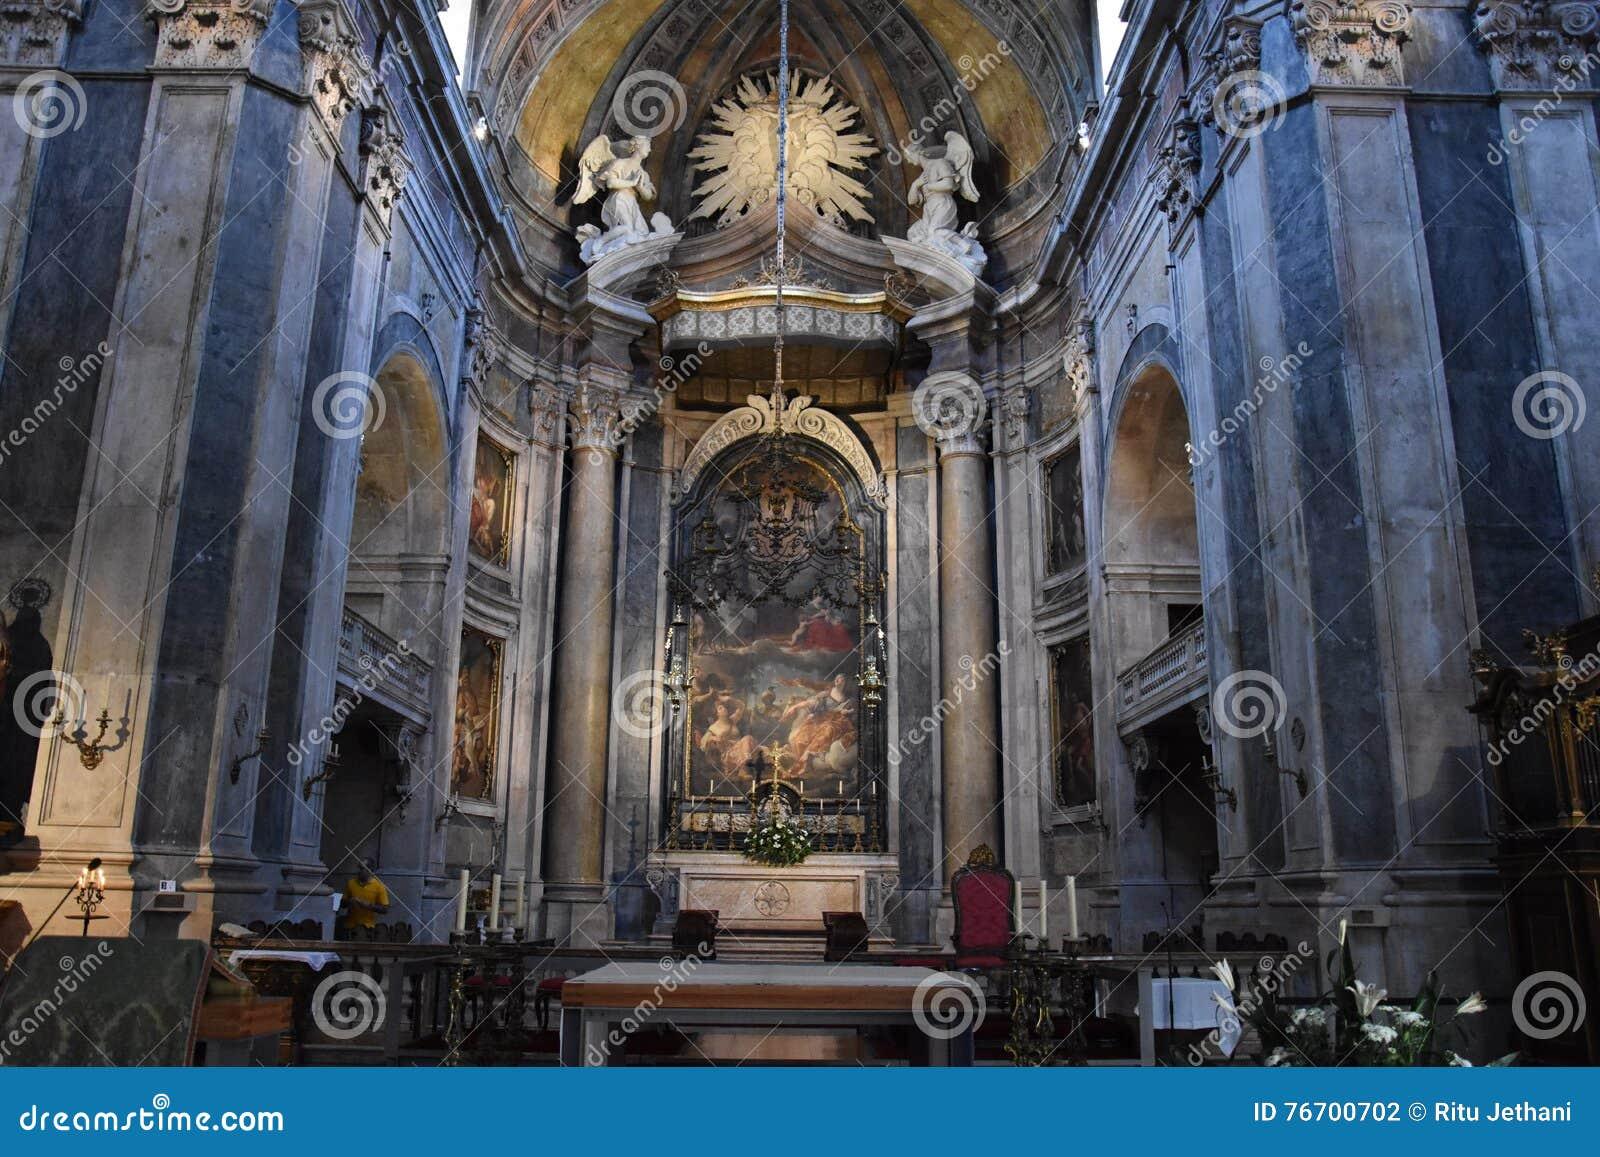 Estrela Basilica in Lisbon, Portugal